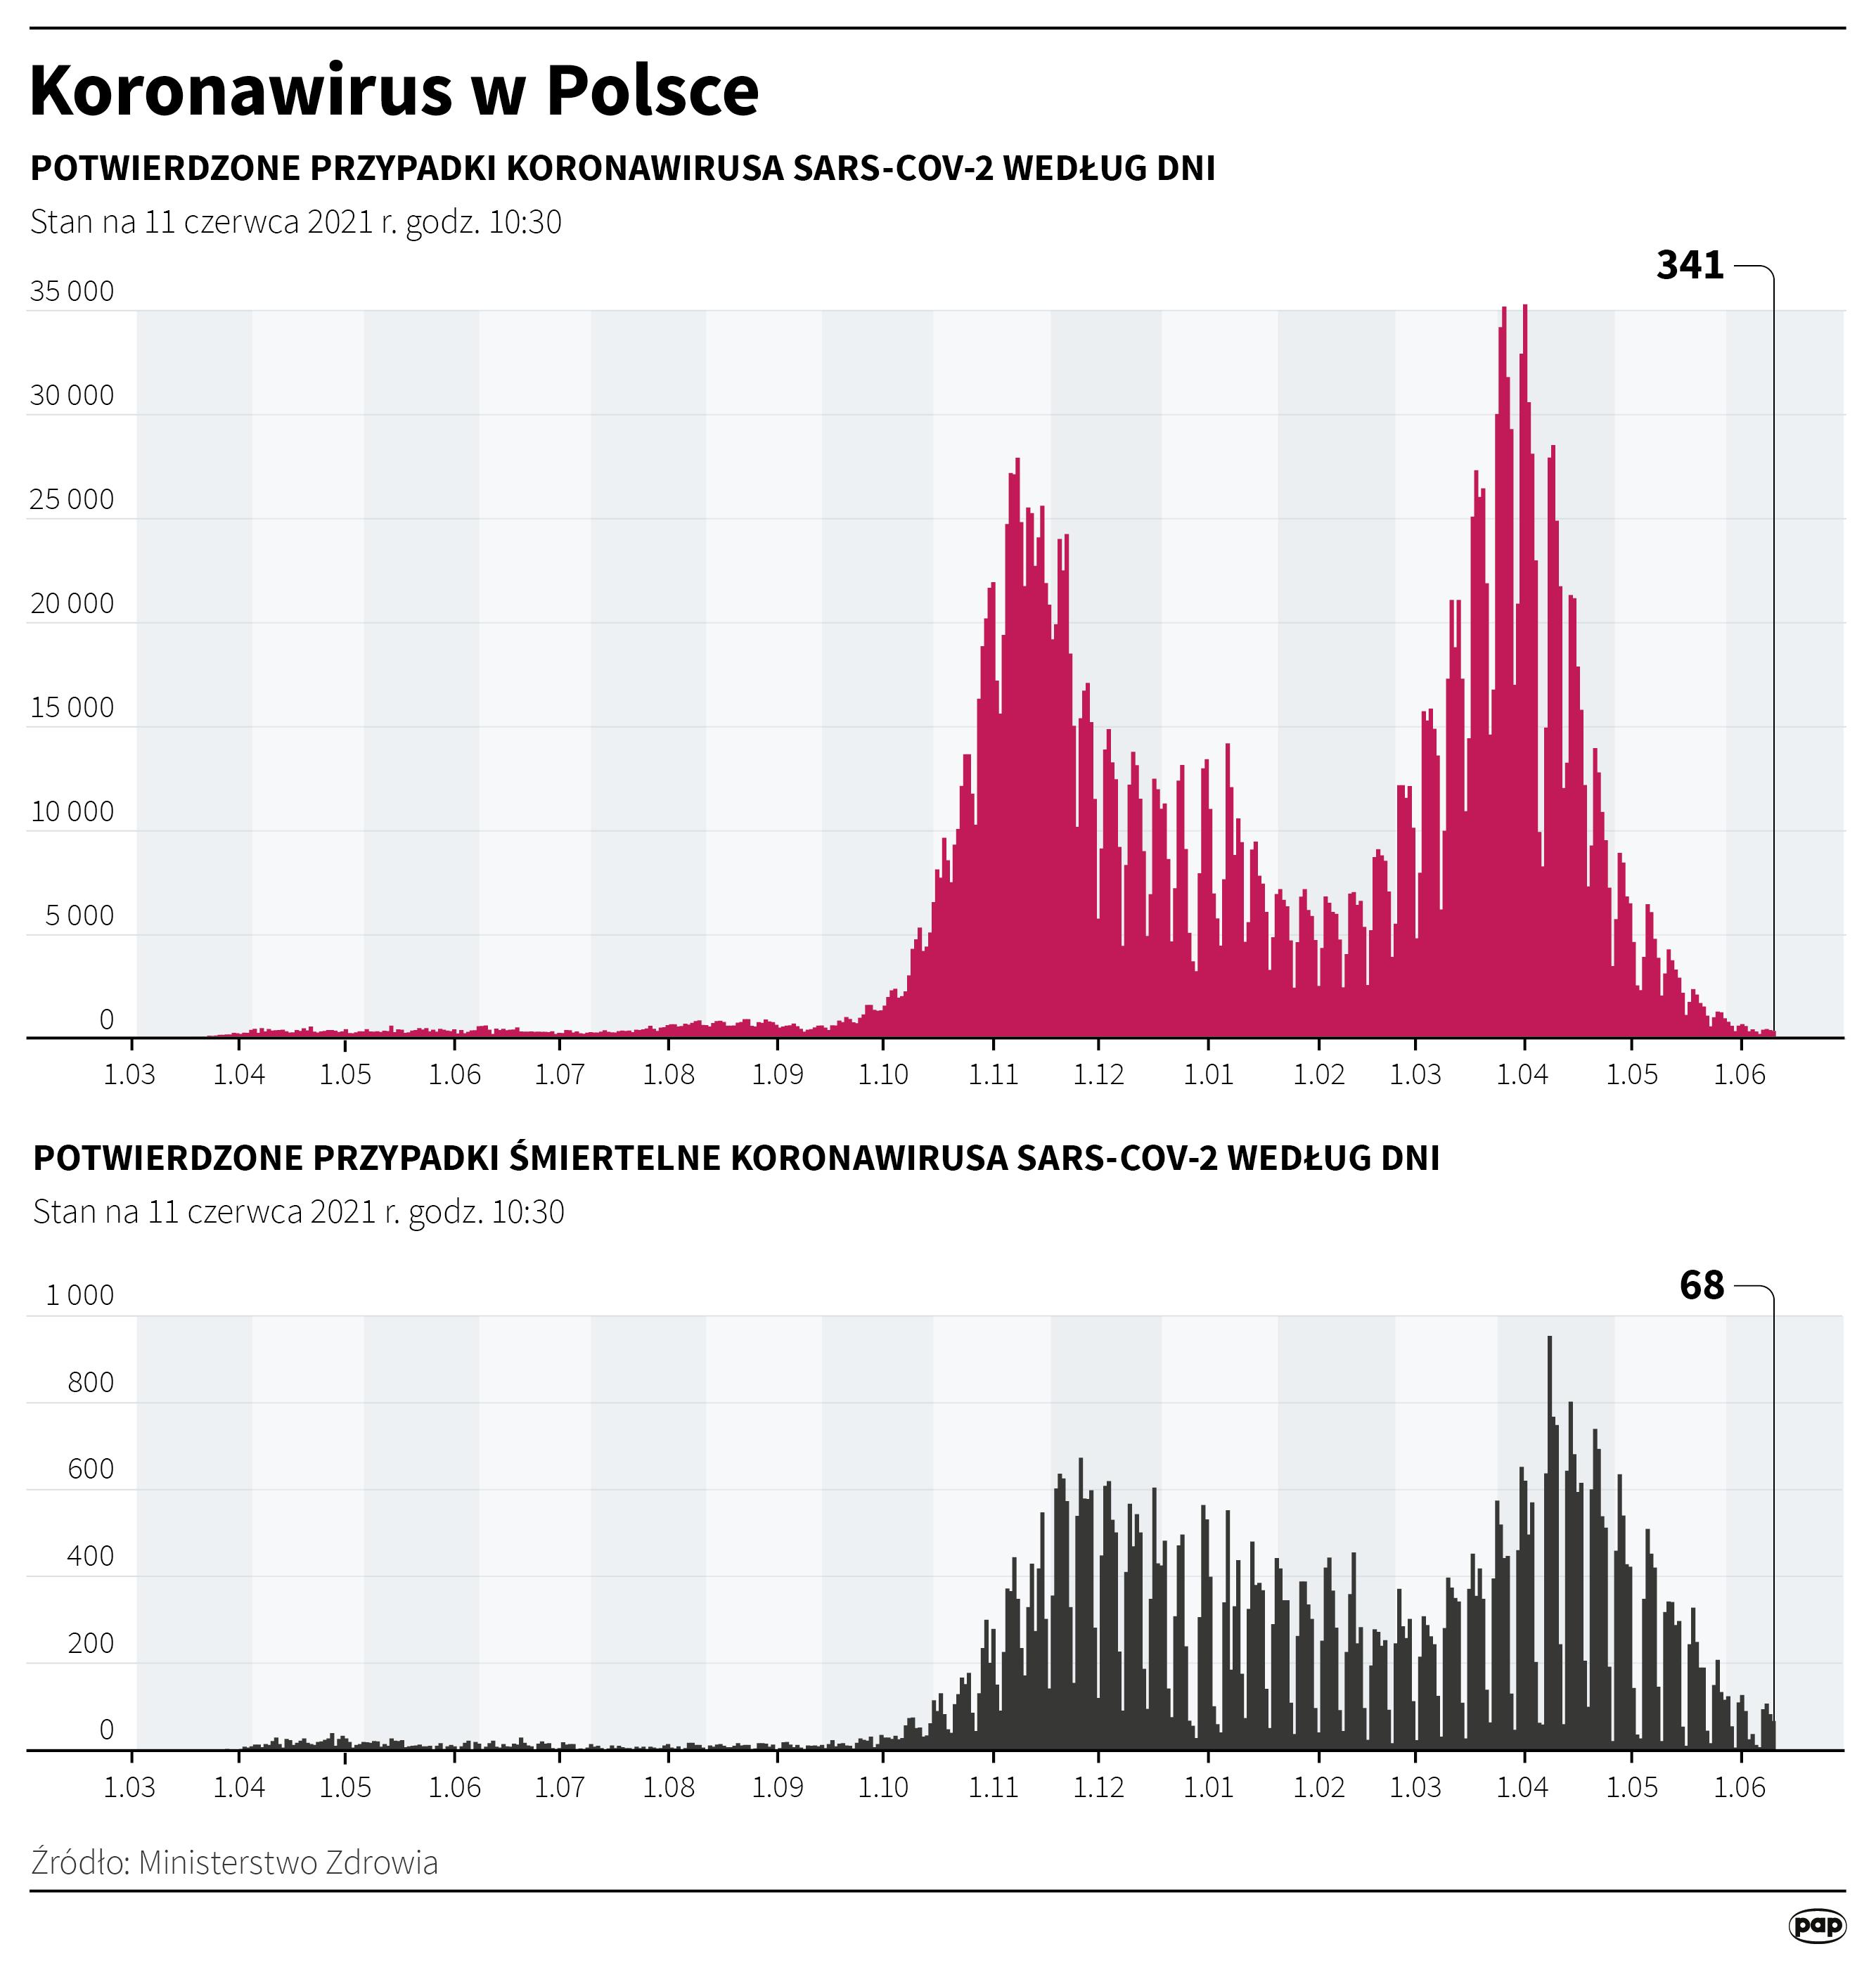 Koronawirus w Polsce - stan na 11 czerwca [Autor: Maciej Zieliński, źródło: PAP]